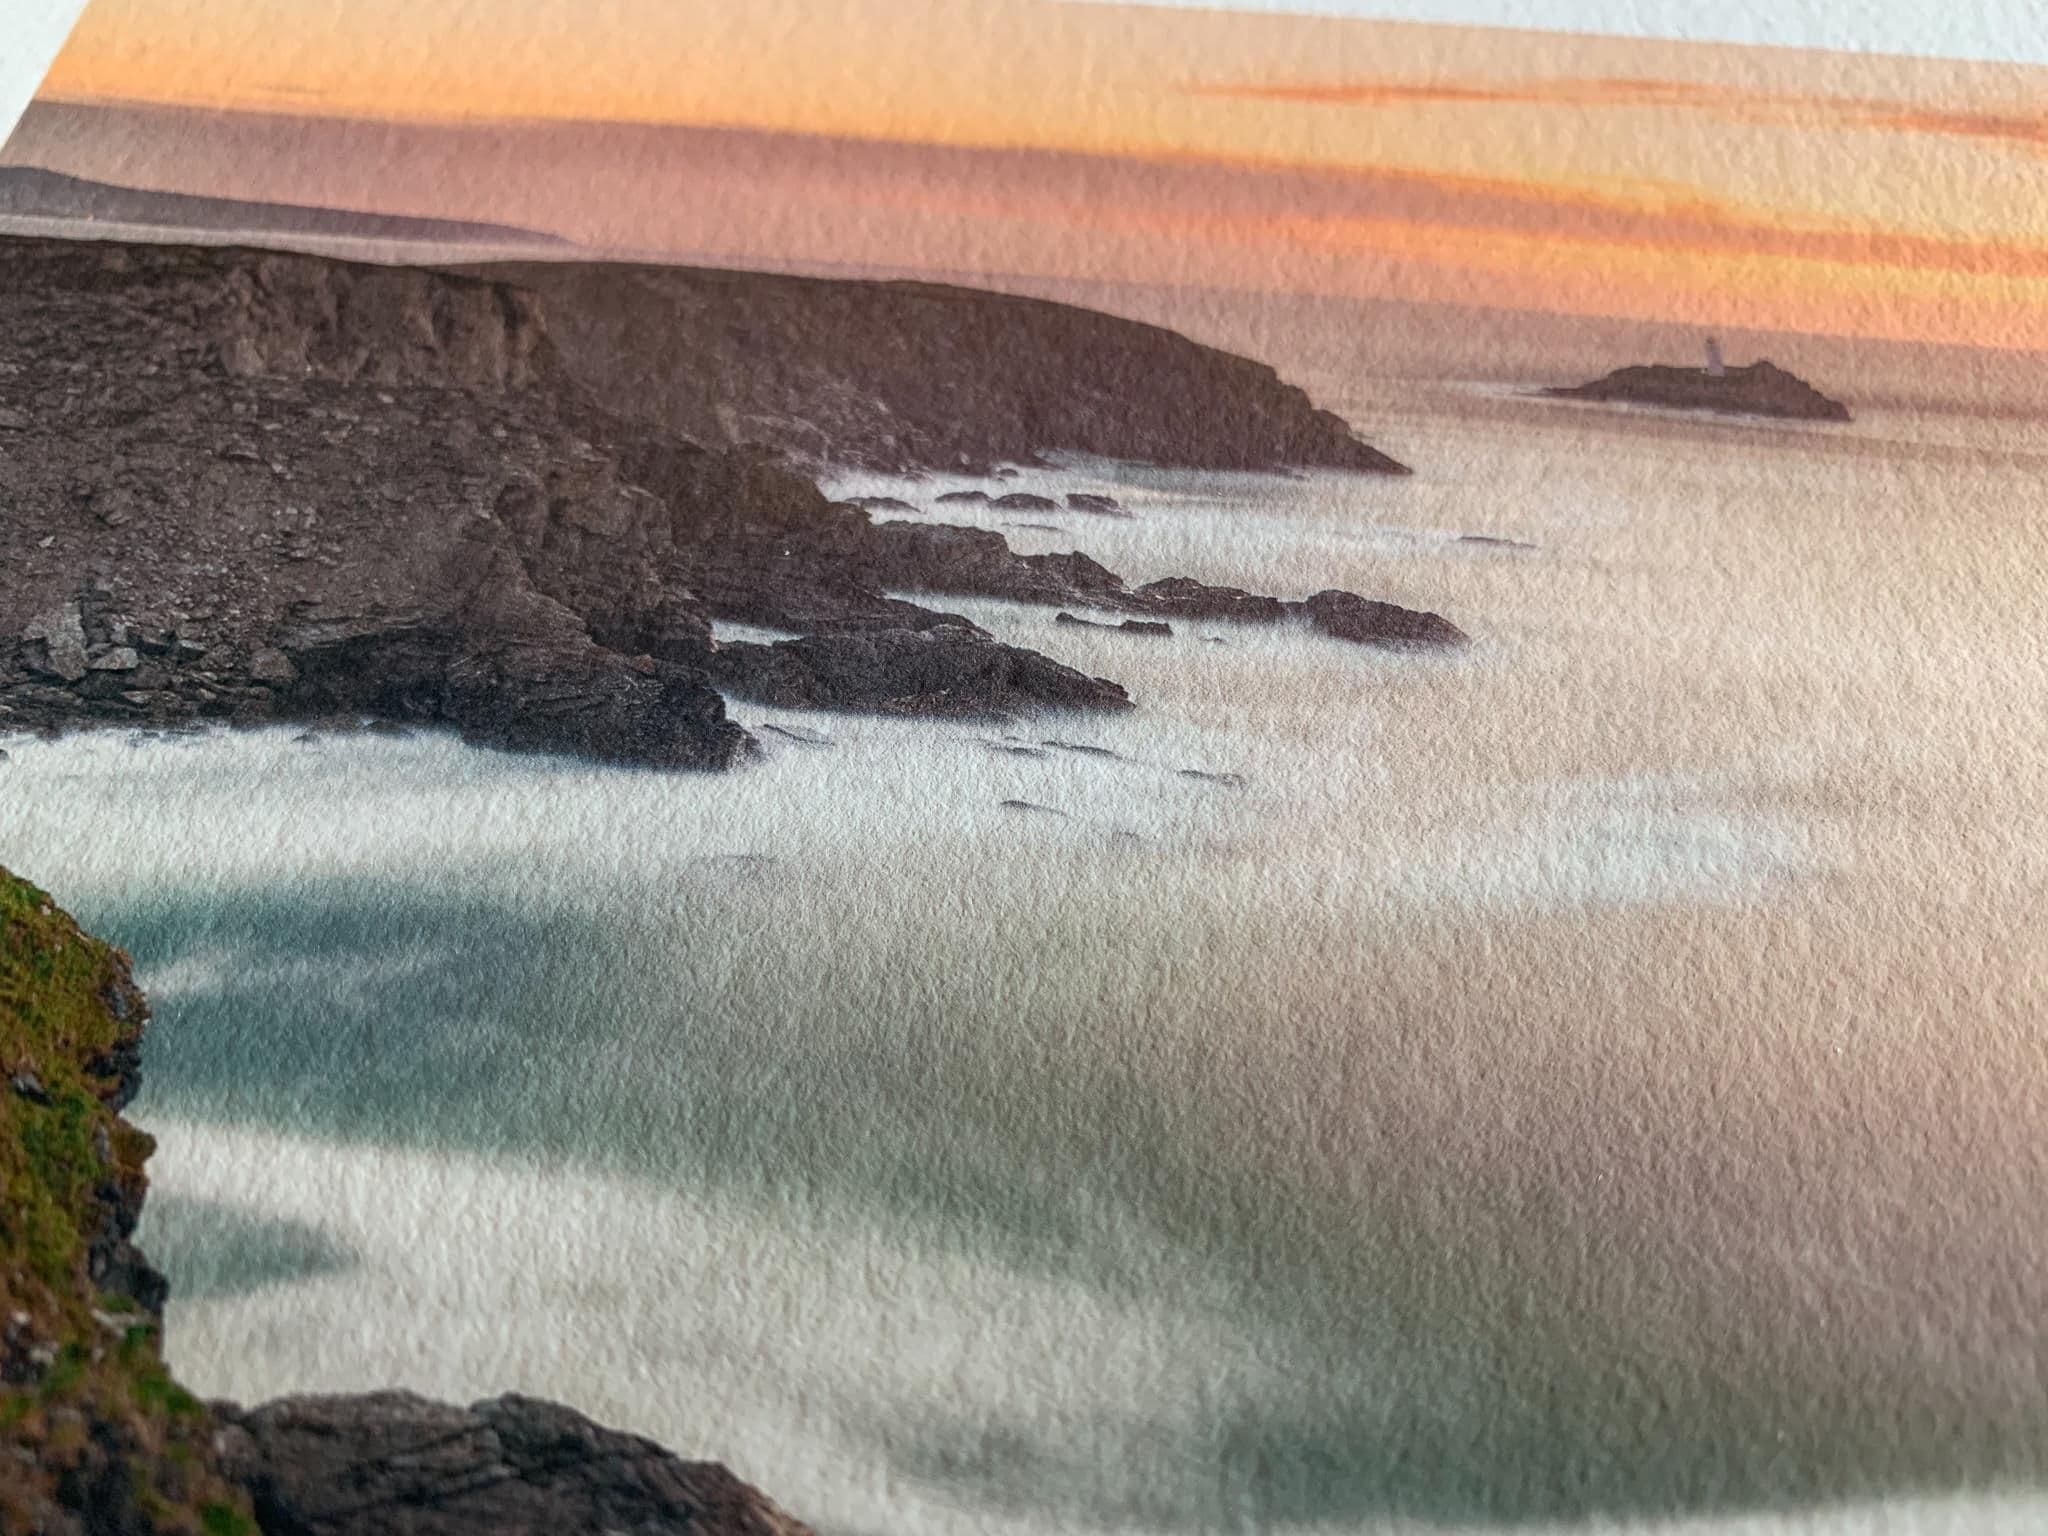 Francesco Gola Seascape Long Exposure Photography Review Best Fine Art Paper Hahnemuhle Hahnemühle 17